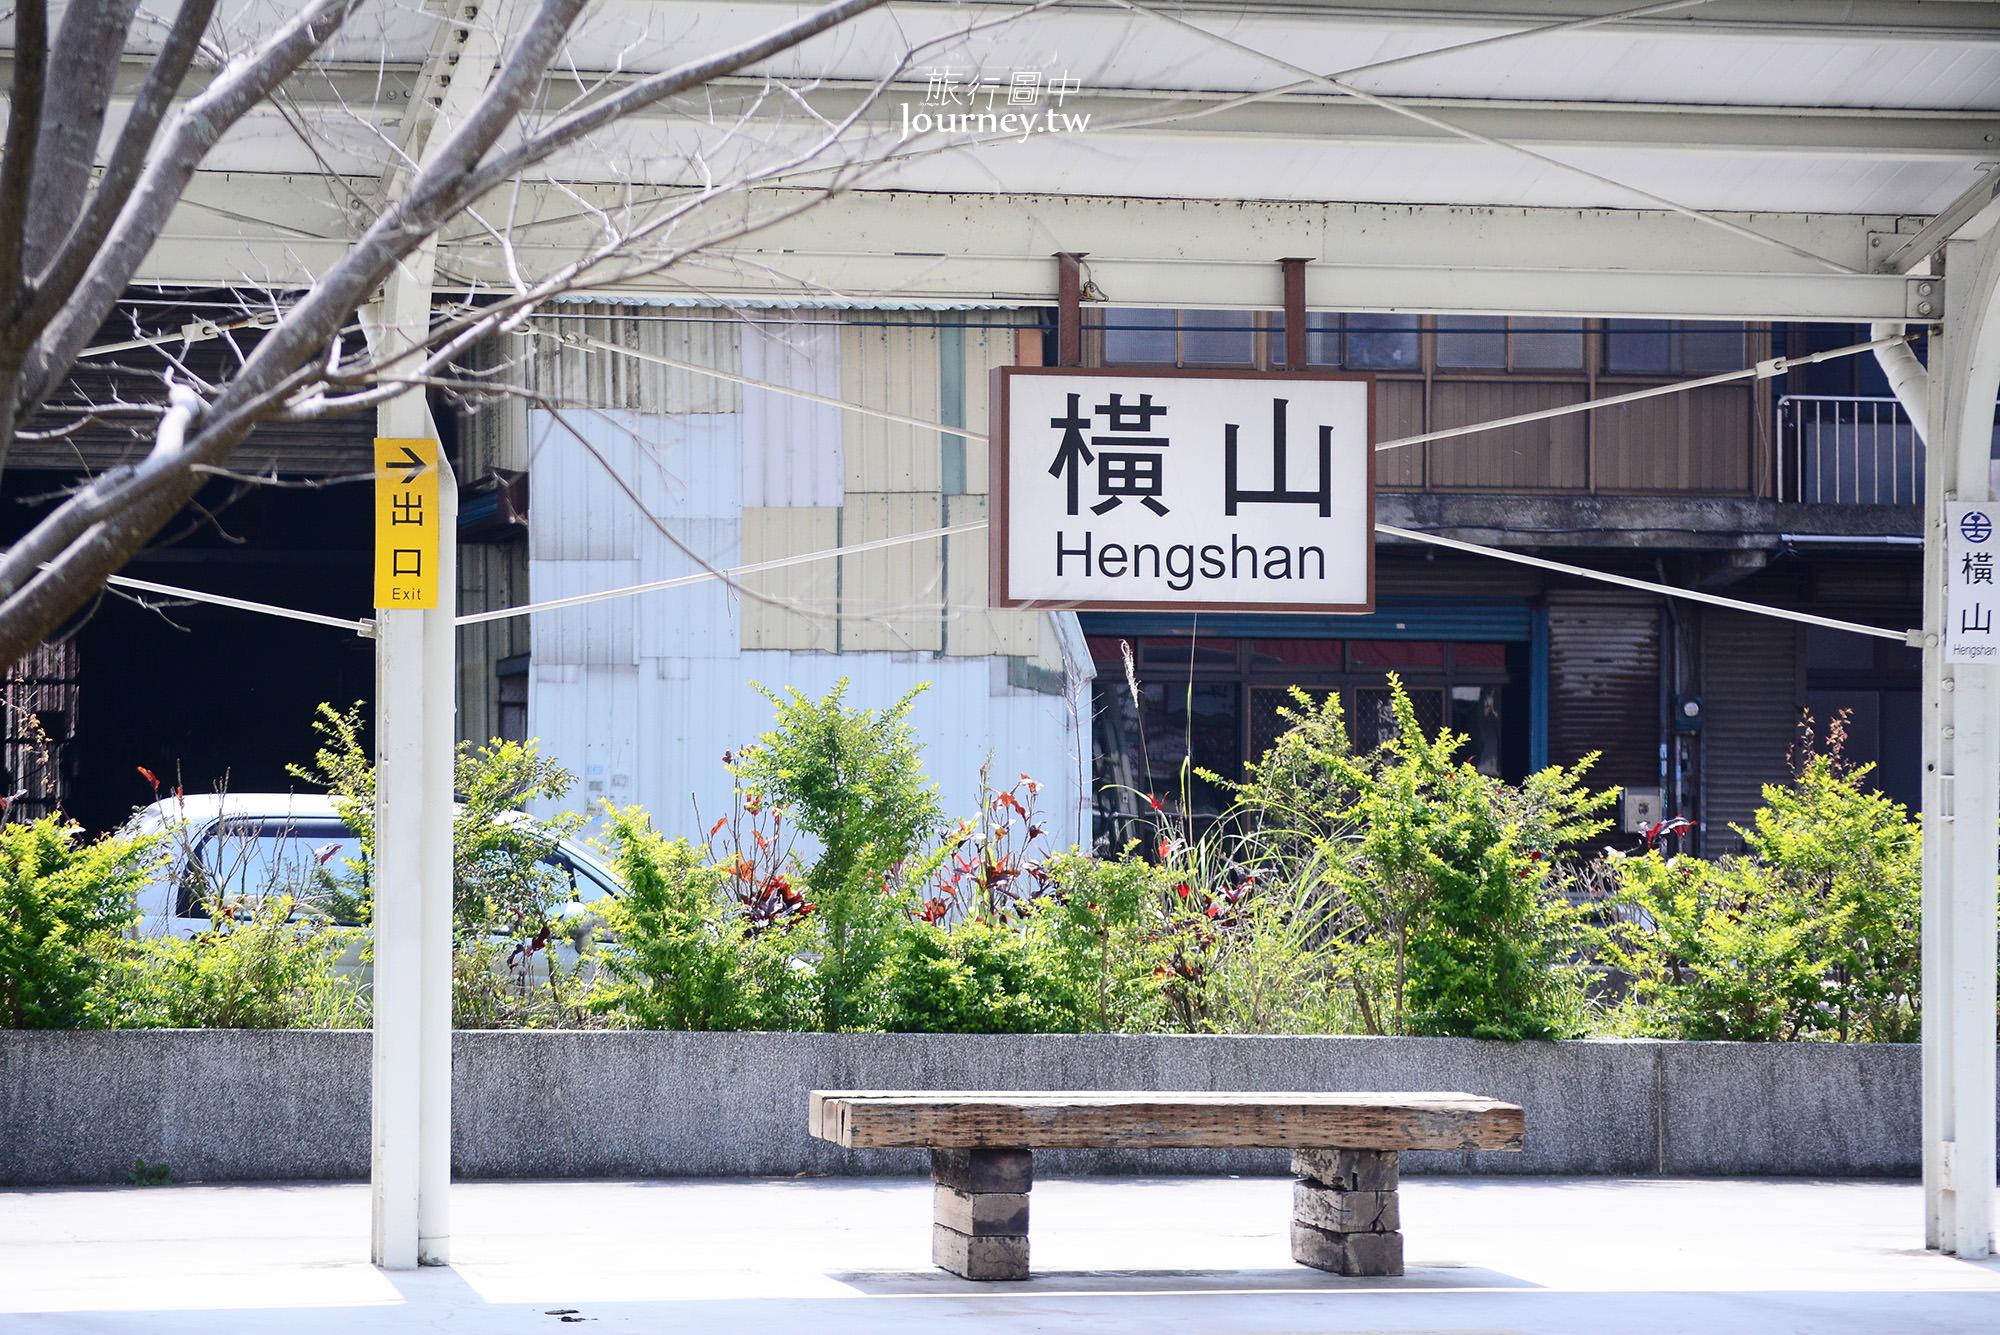 新竹,橫山,內灣,橫山車站,小火車,櫻花